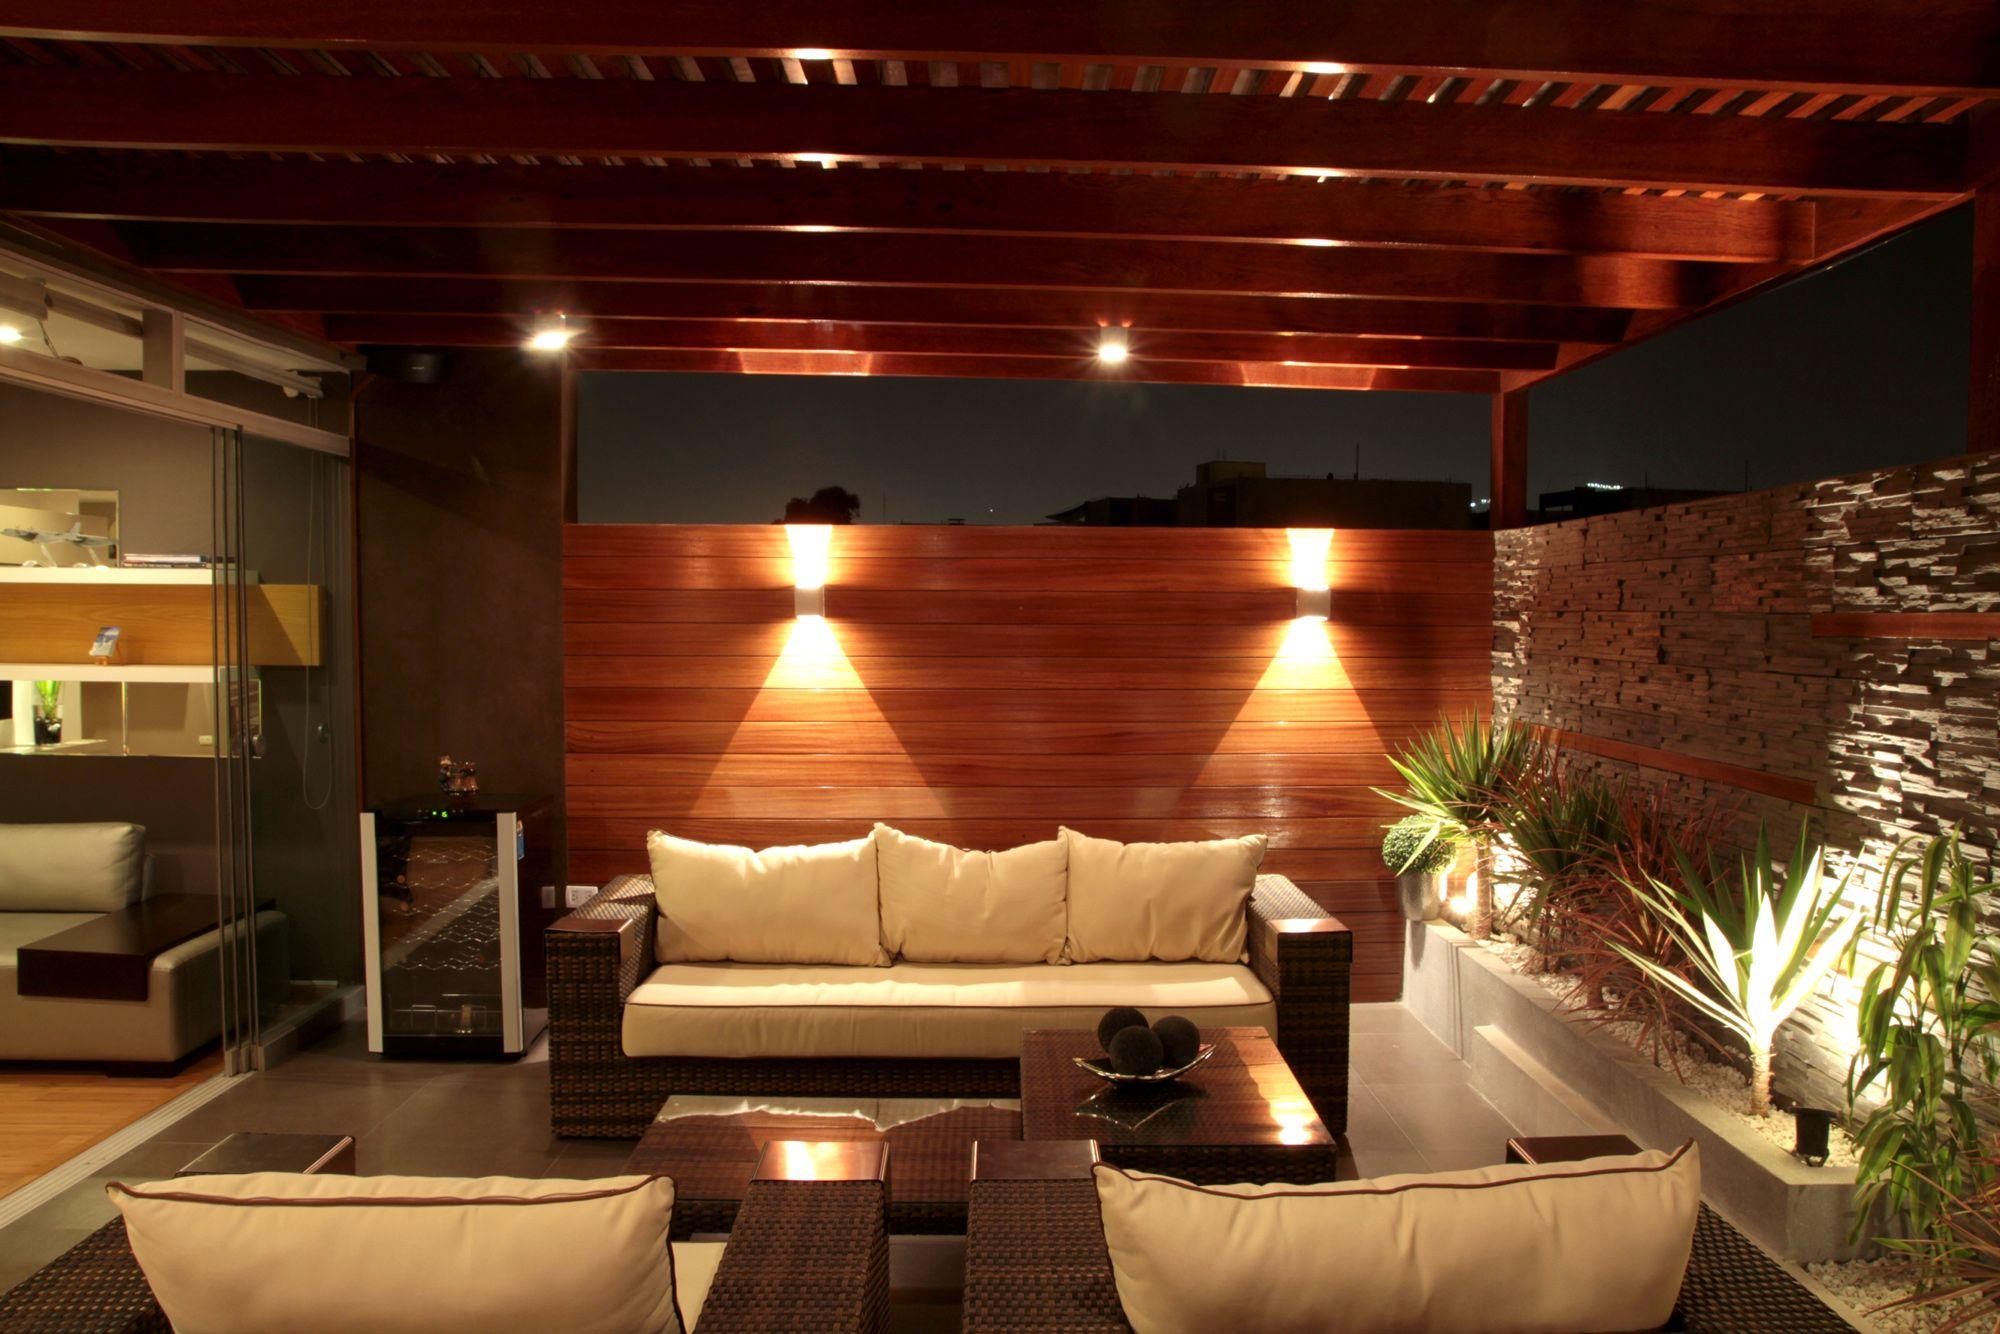 Pin de pino v zquez en iluminaci n pinterest terrazas - Iluminacion de terrazas ...